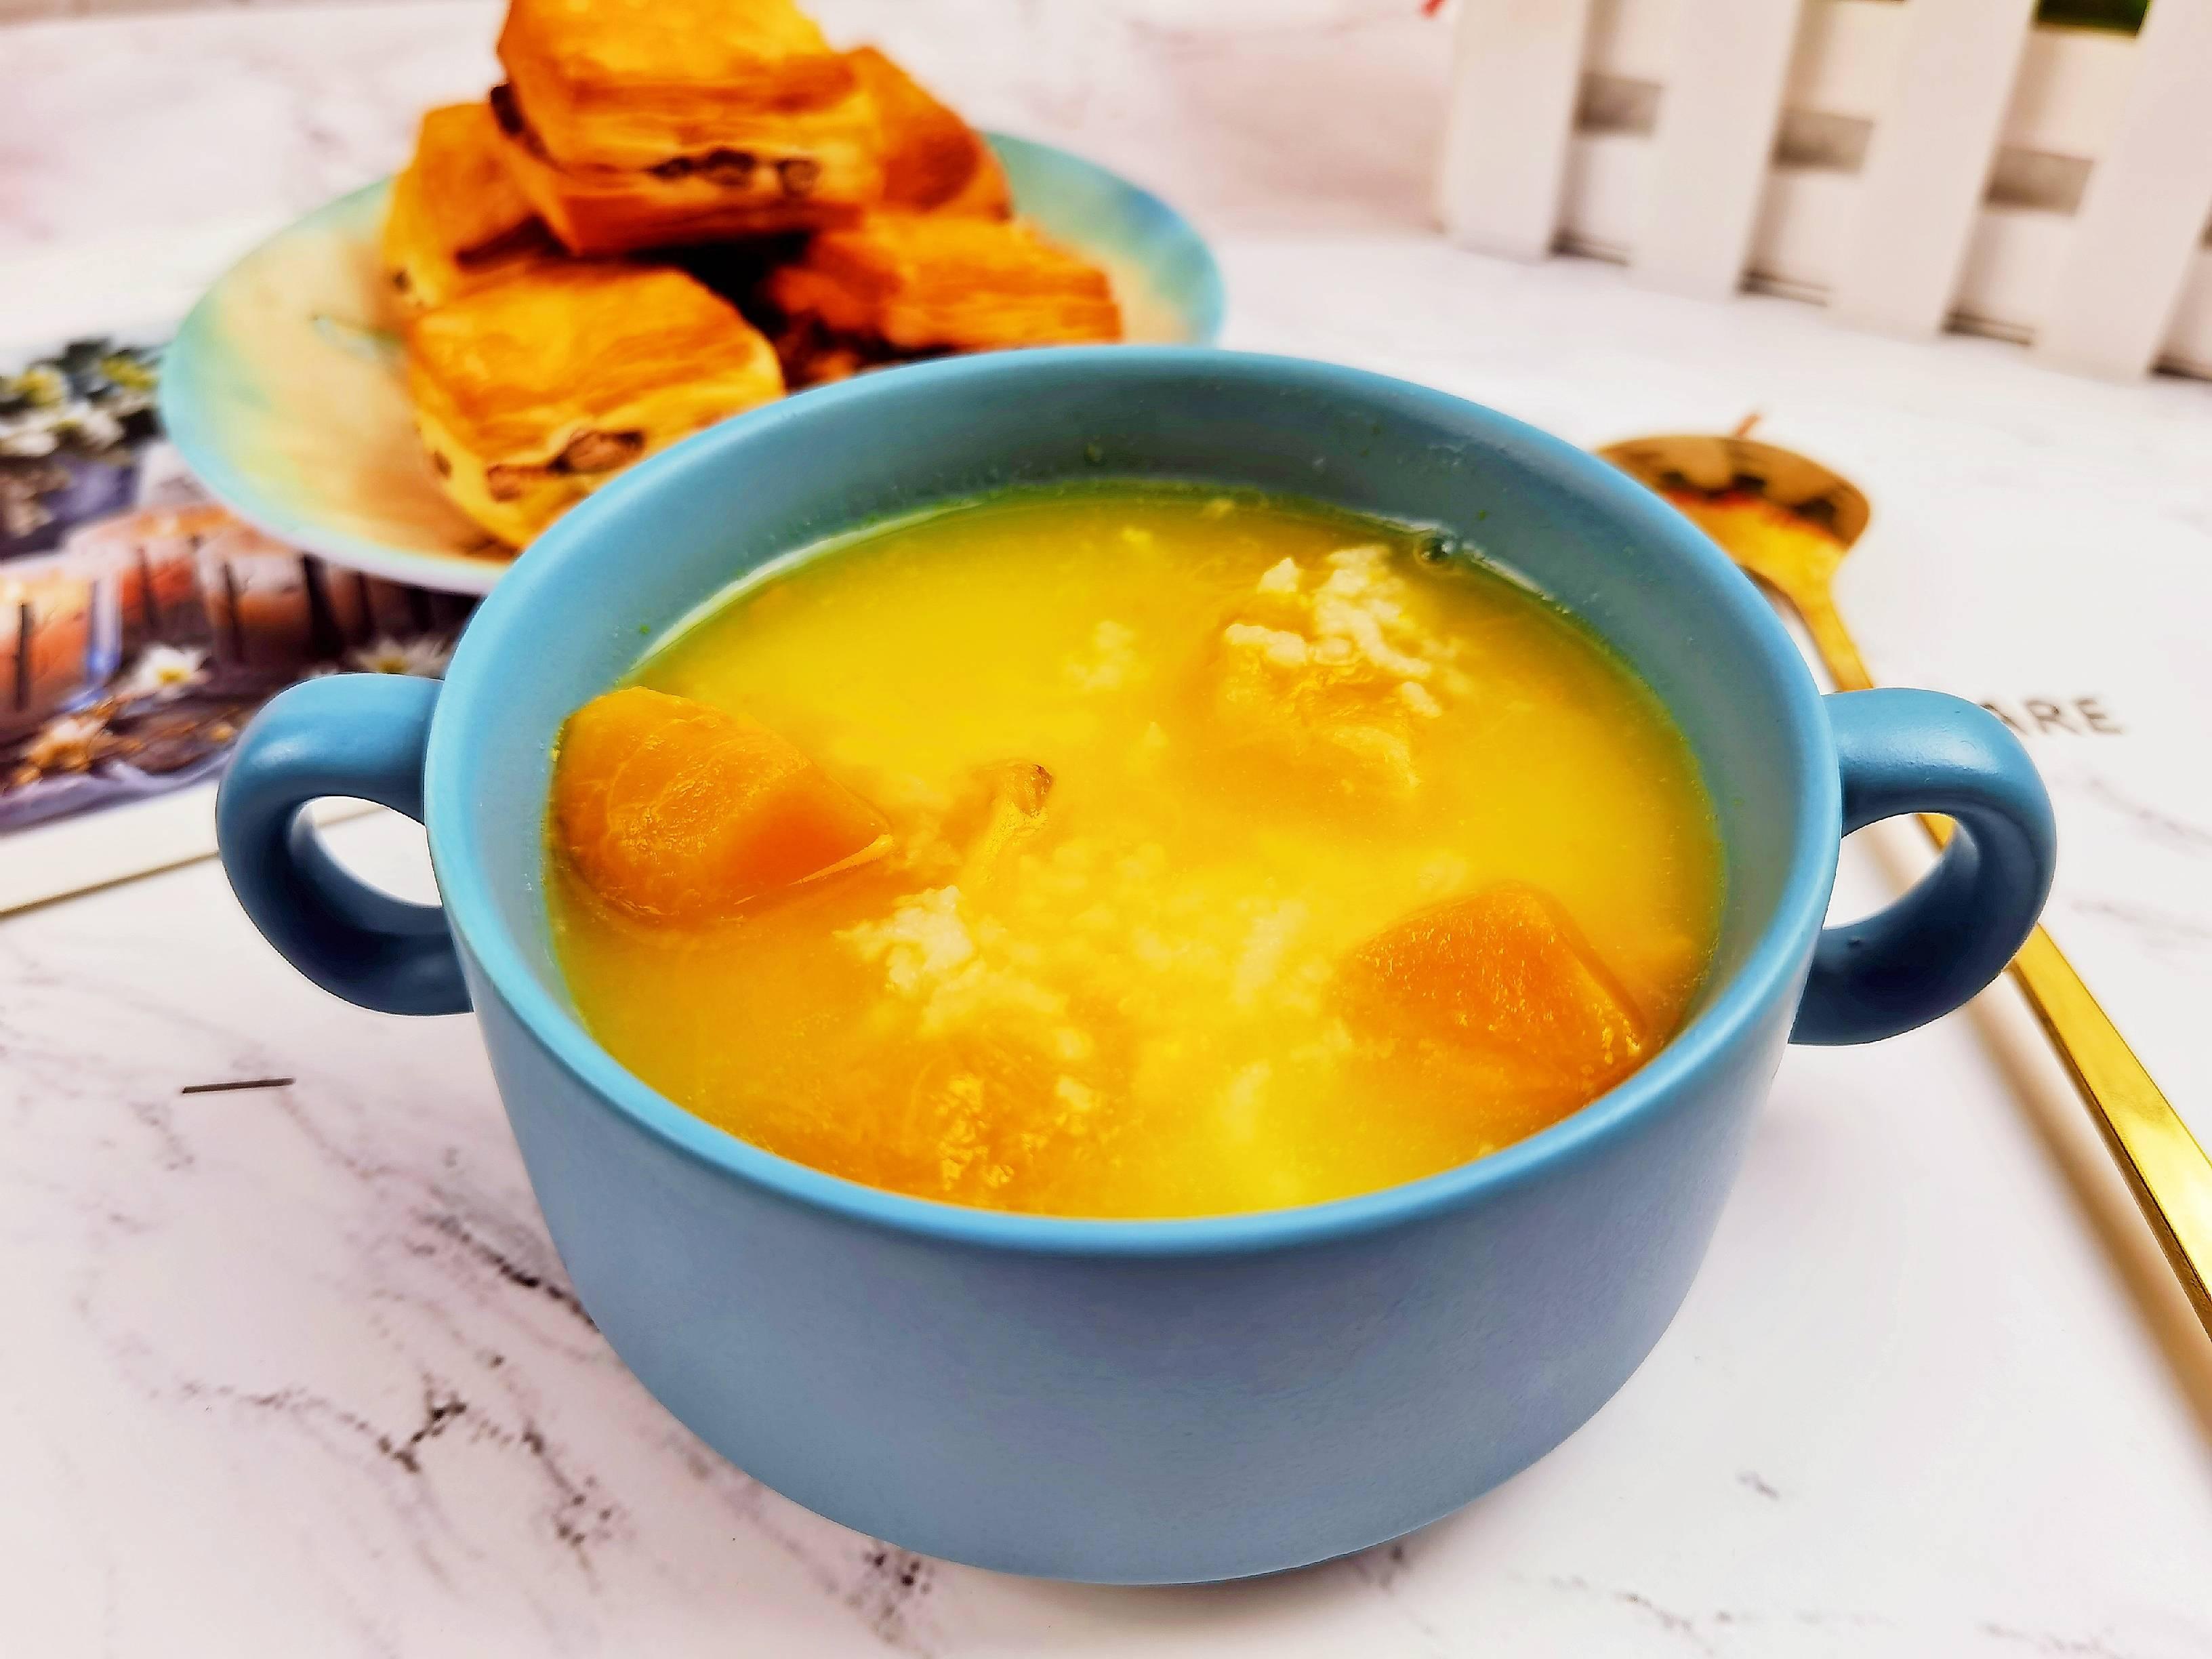 秋日养生粥-南瓜红薯粥,金灿灿甜滋滋,让人食欲满满怎么做